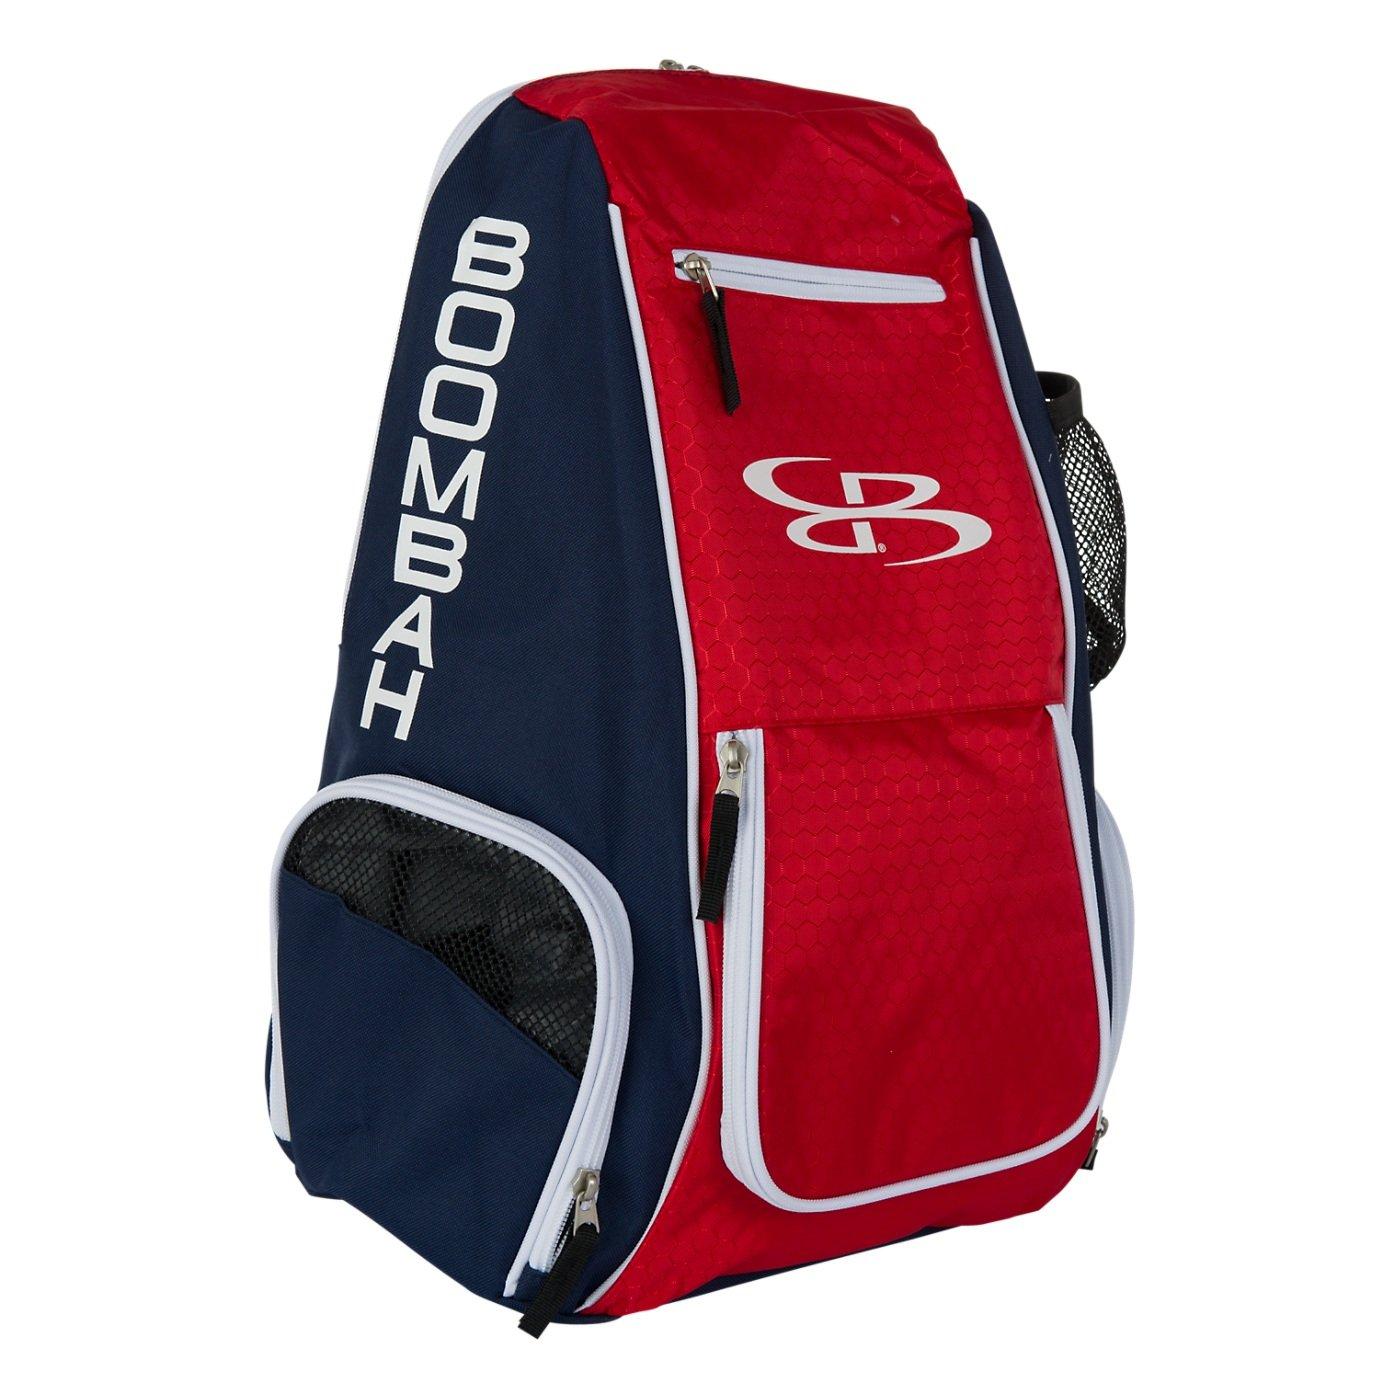 Boombahスパイクバレーボールバックパック – 10カラーオプション – Holdsボール、靴、水ボトルand More B01NBDQ7MHネイビー/レッド